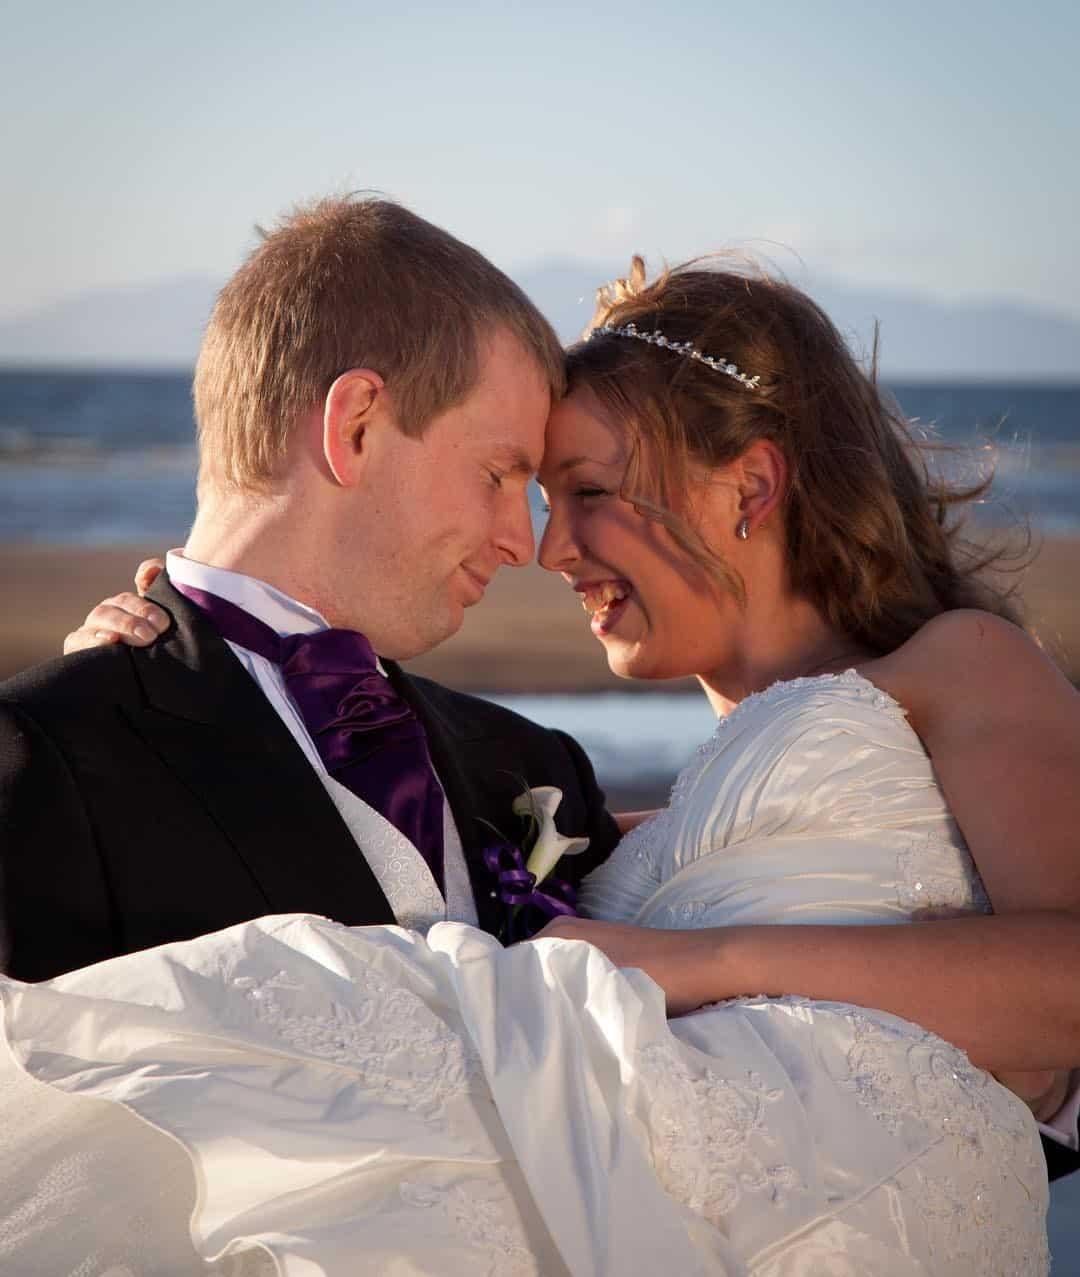 lorna-thorburn-scottish-glasgow-ayrshire-bride-groom-beach-ayr-coastal